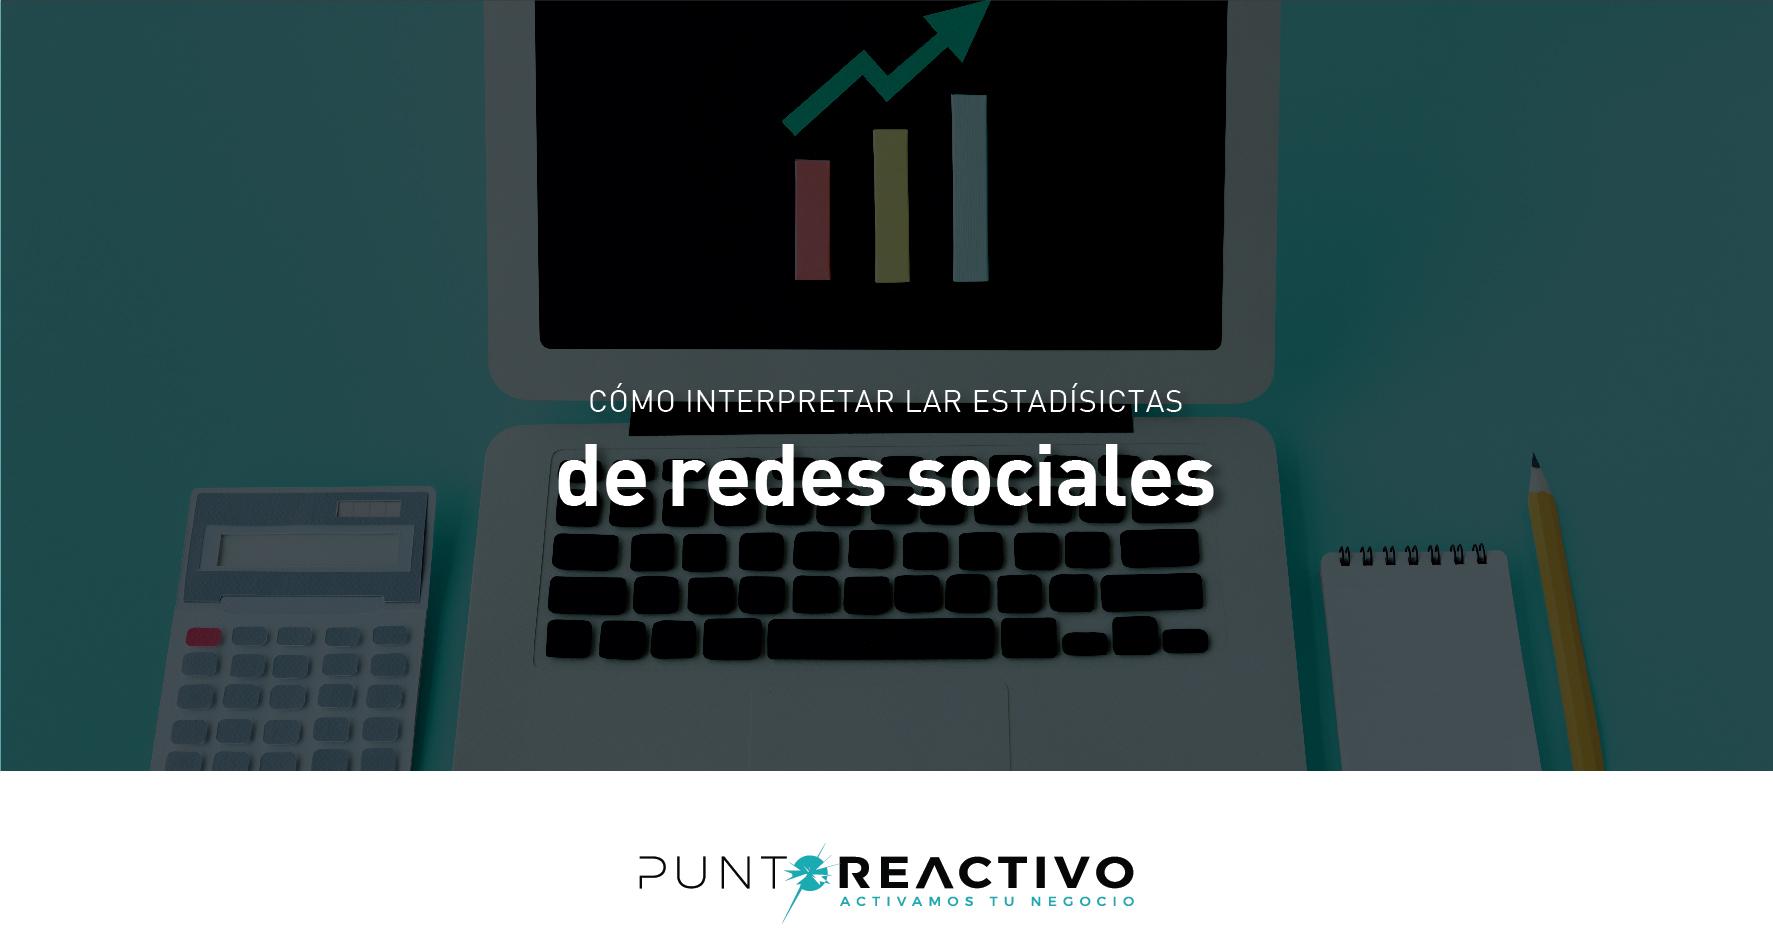 ¿Cómo interpretar estadísticas de redes sociales?